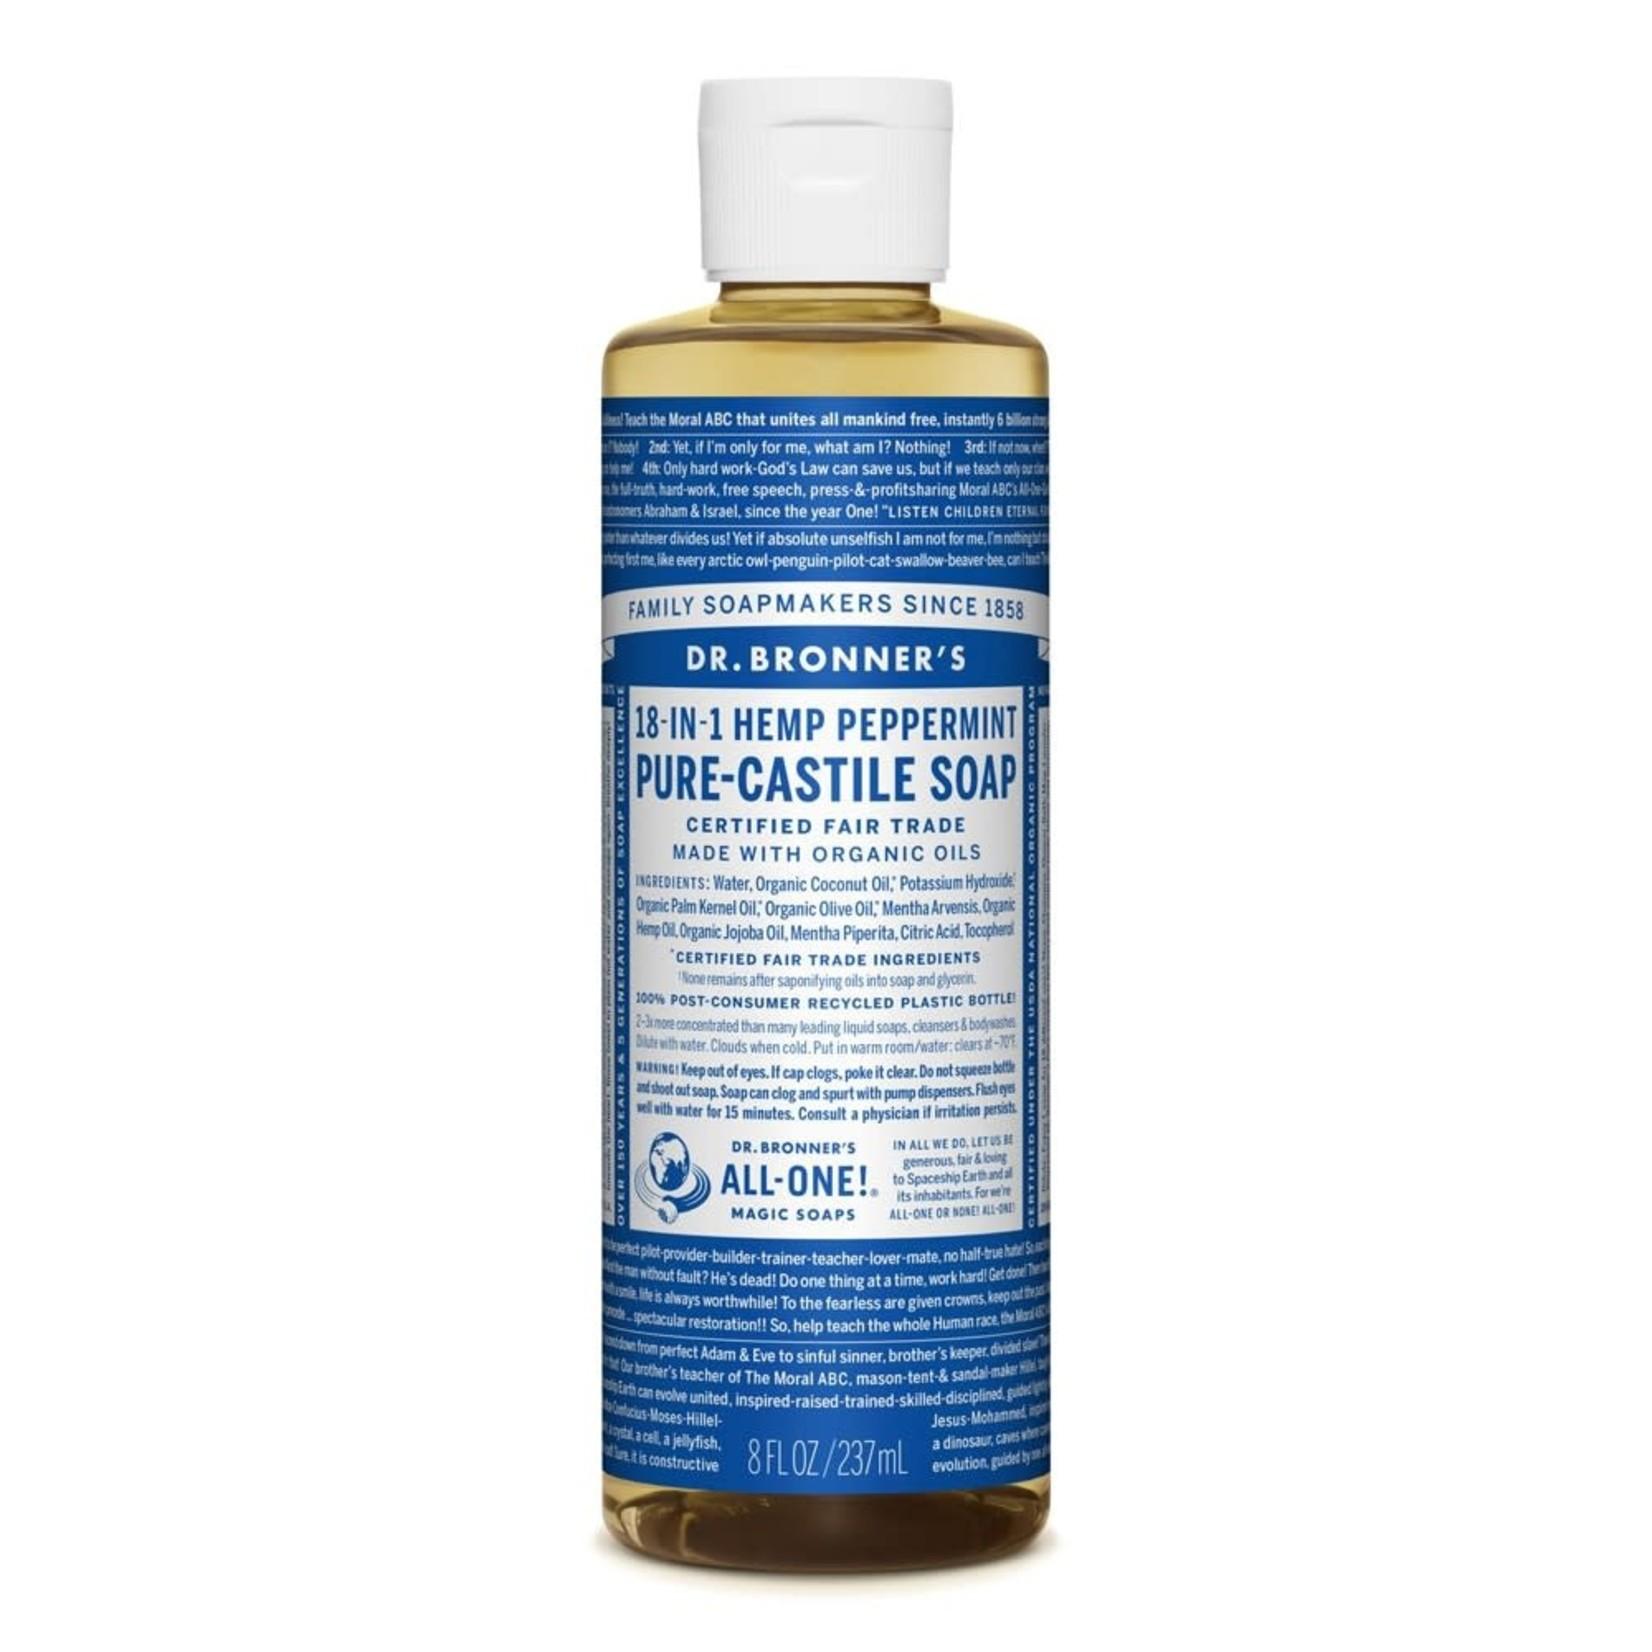 Dr. Bronner's Dr. Bronner's Peppermint Castile Soap 237ml